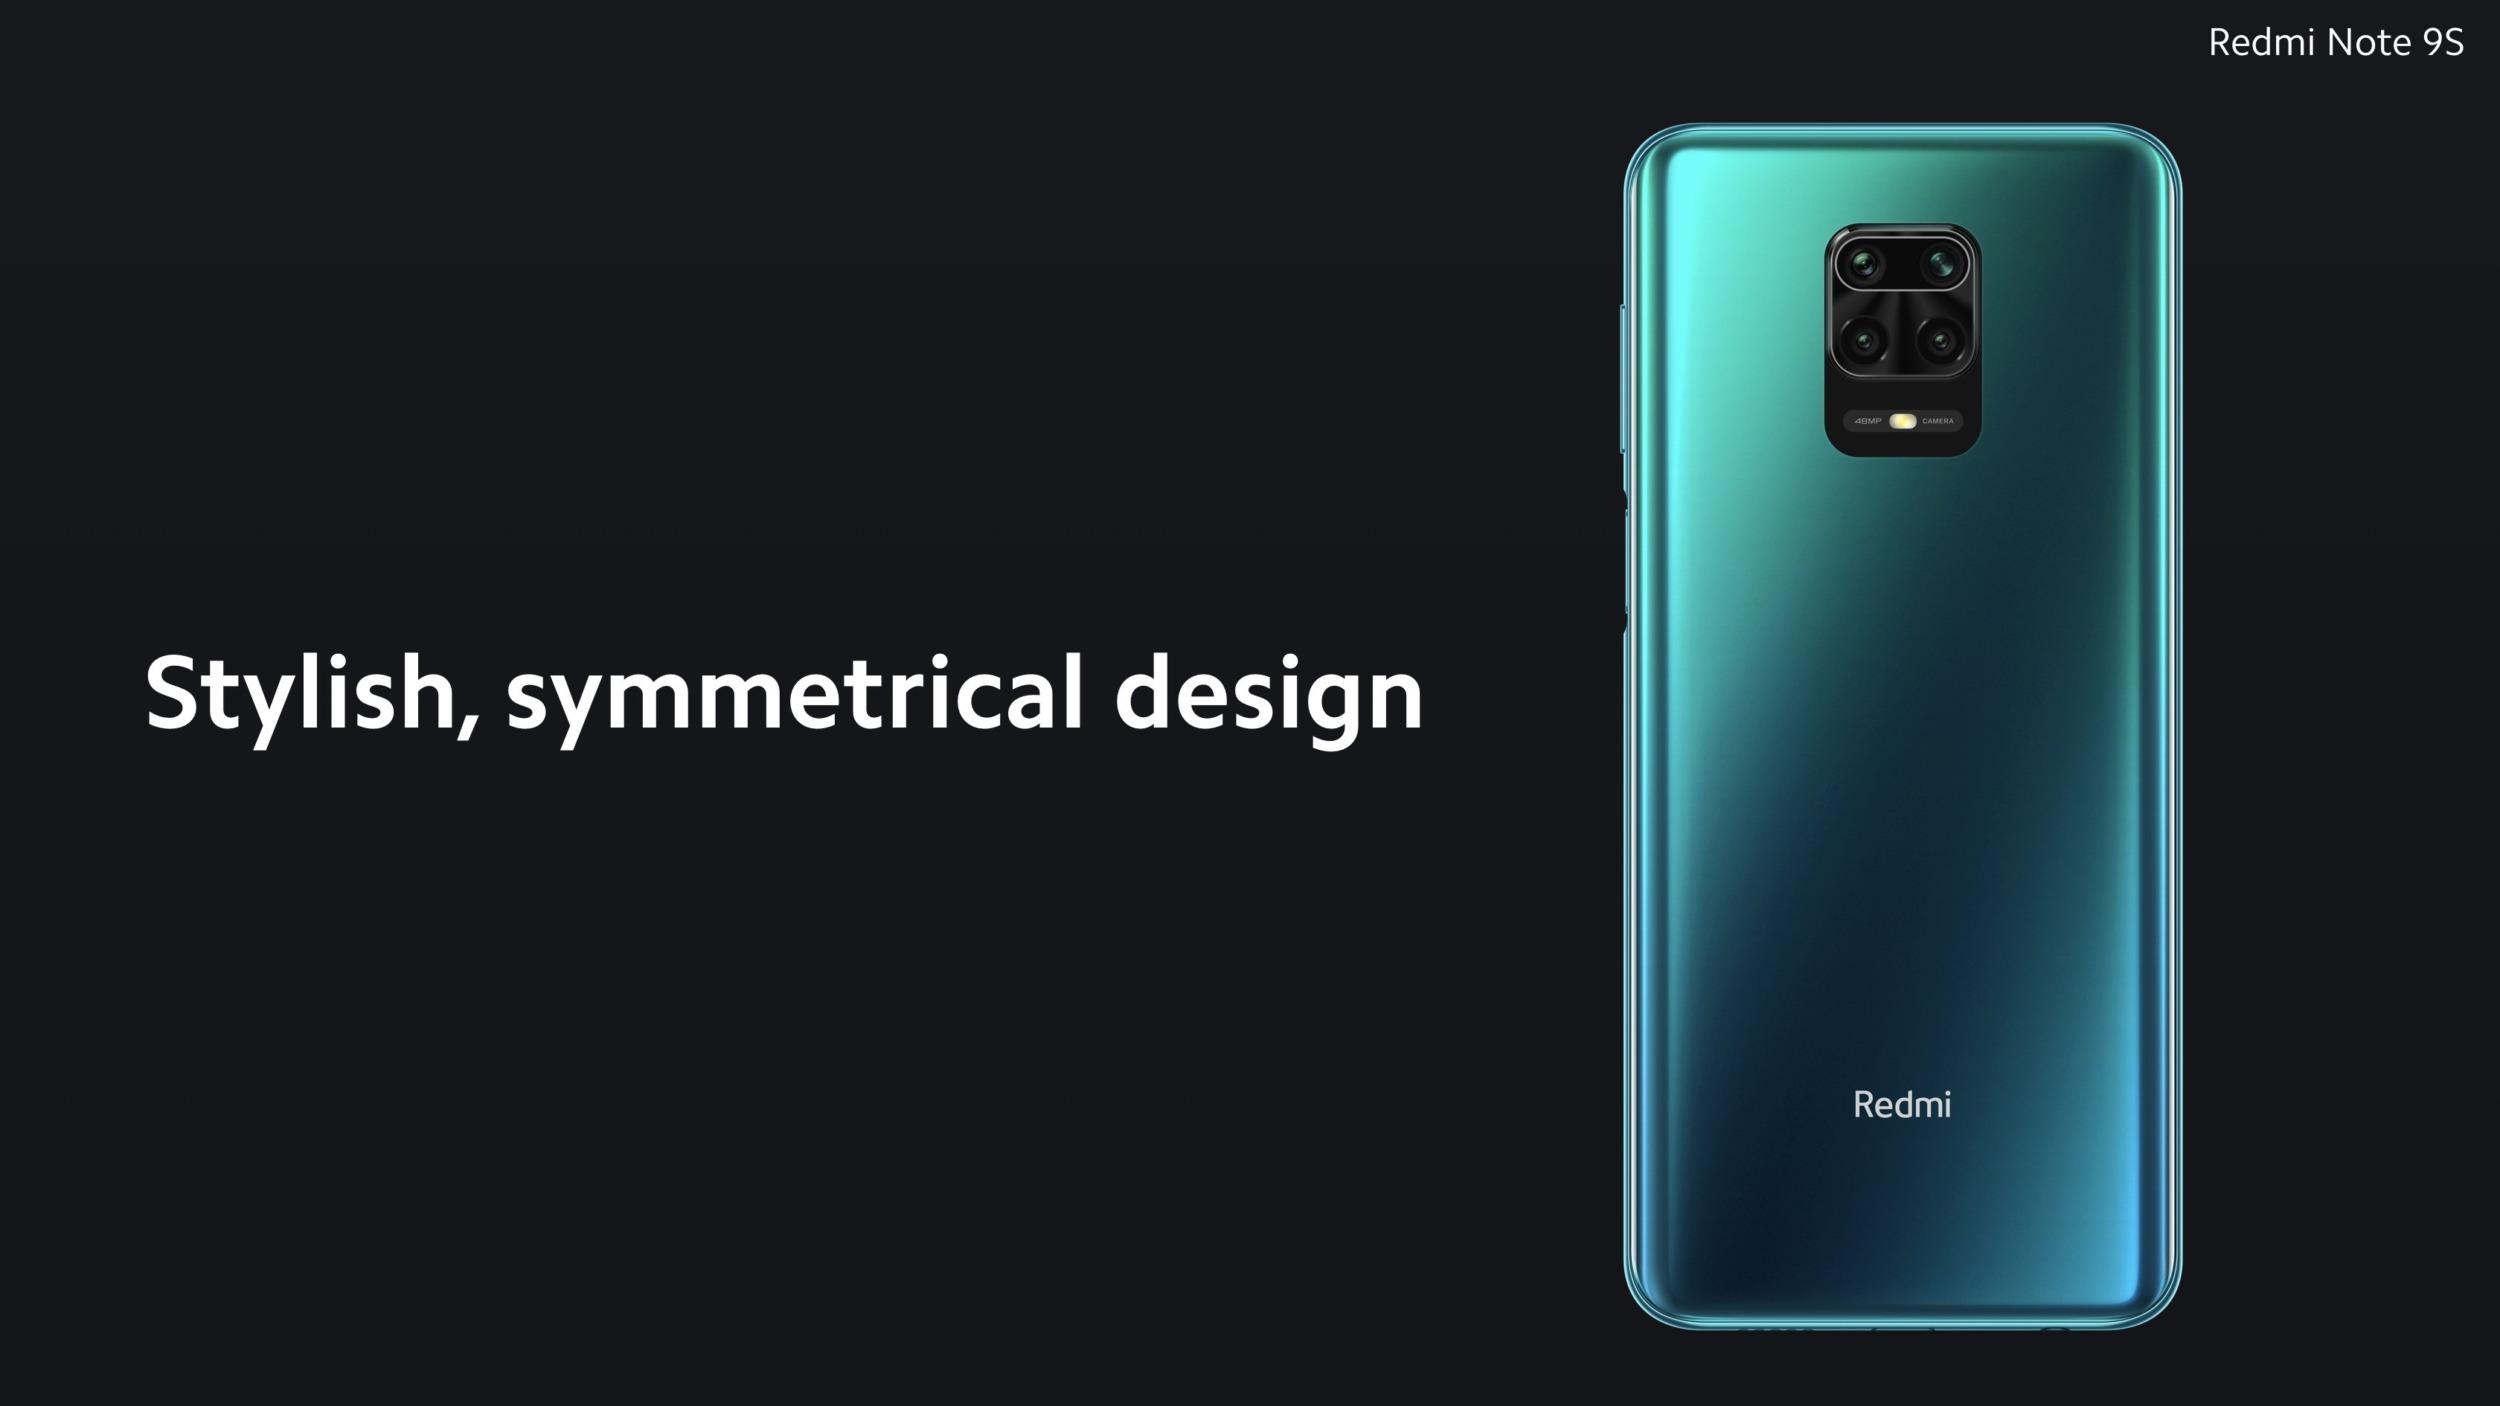 Redmi představilo Note 9S, jen přejmenovaný model